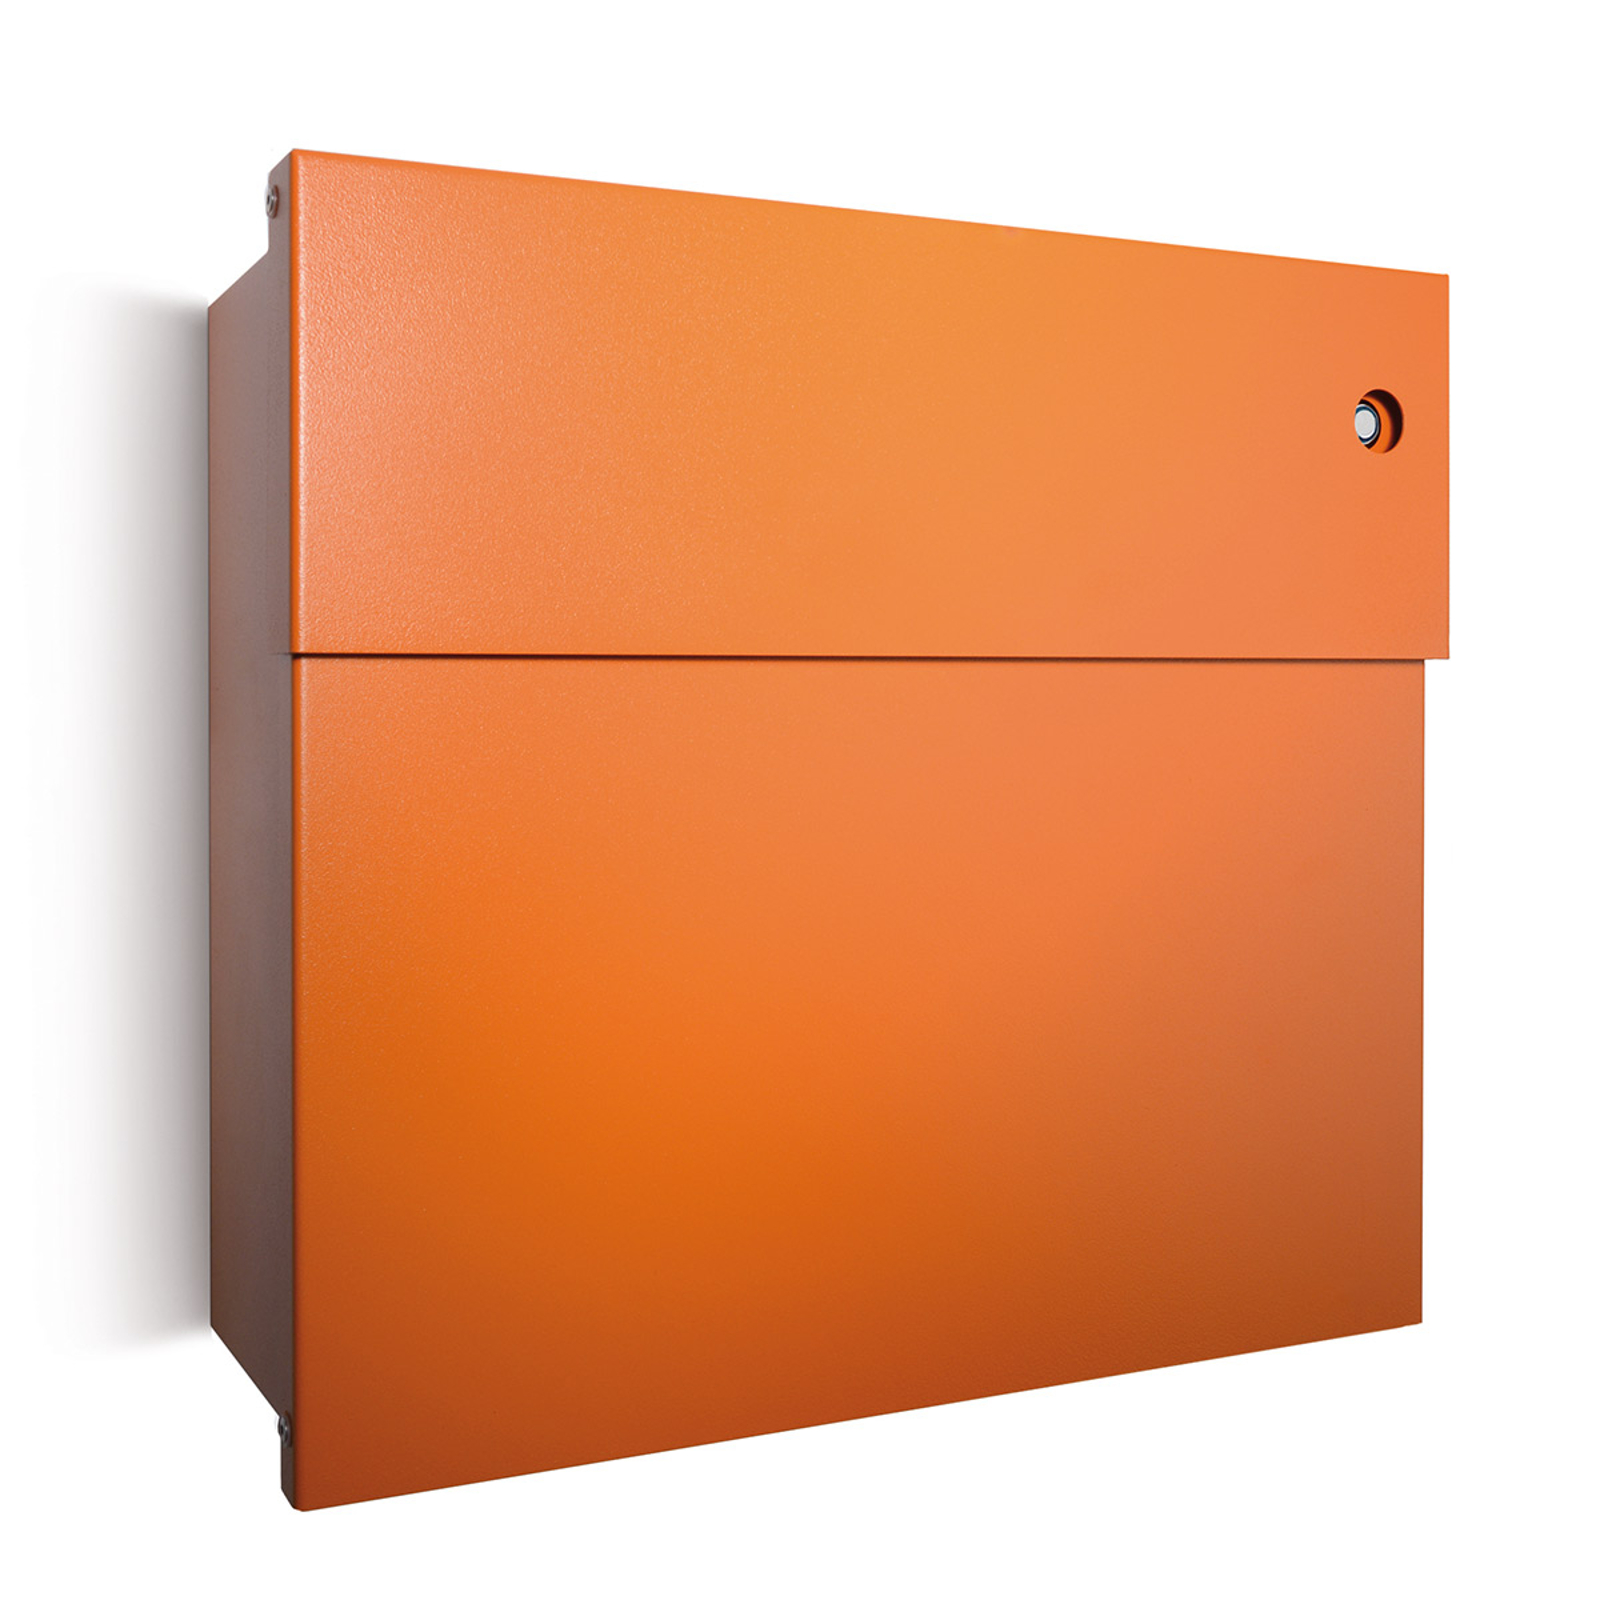 Letterman postkasse IV, blå klokke, orange